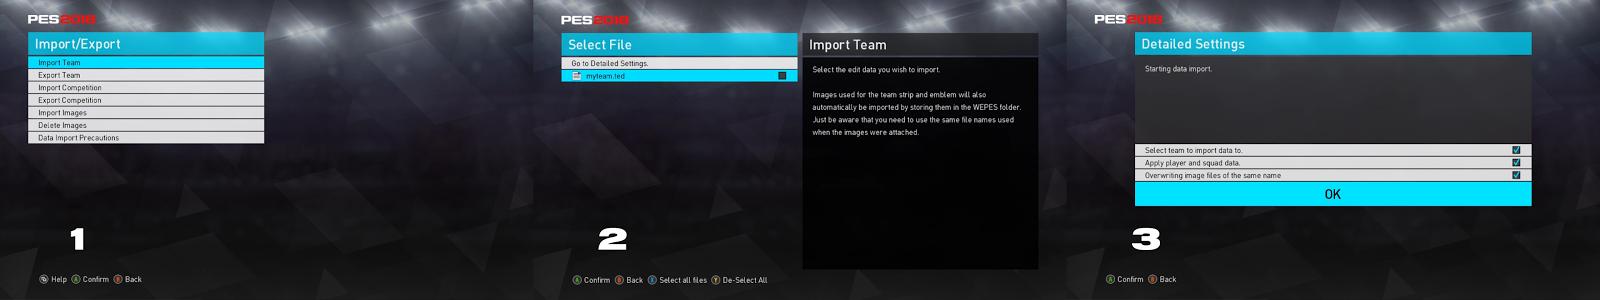 data_management_import_team